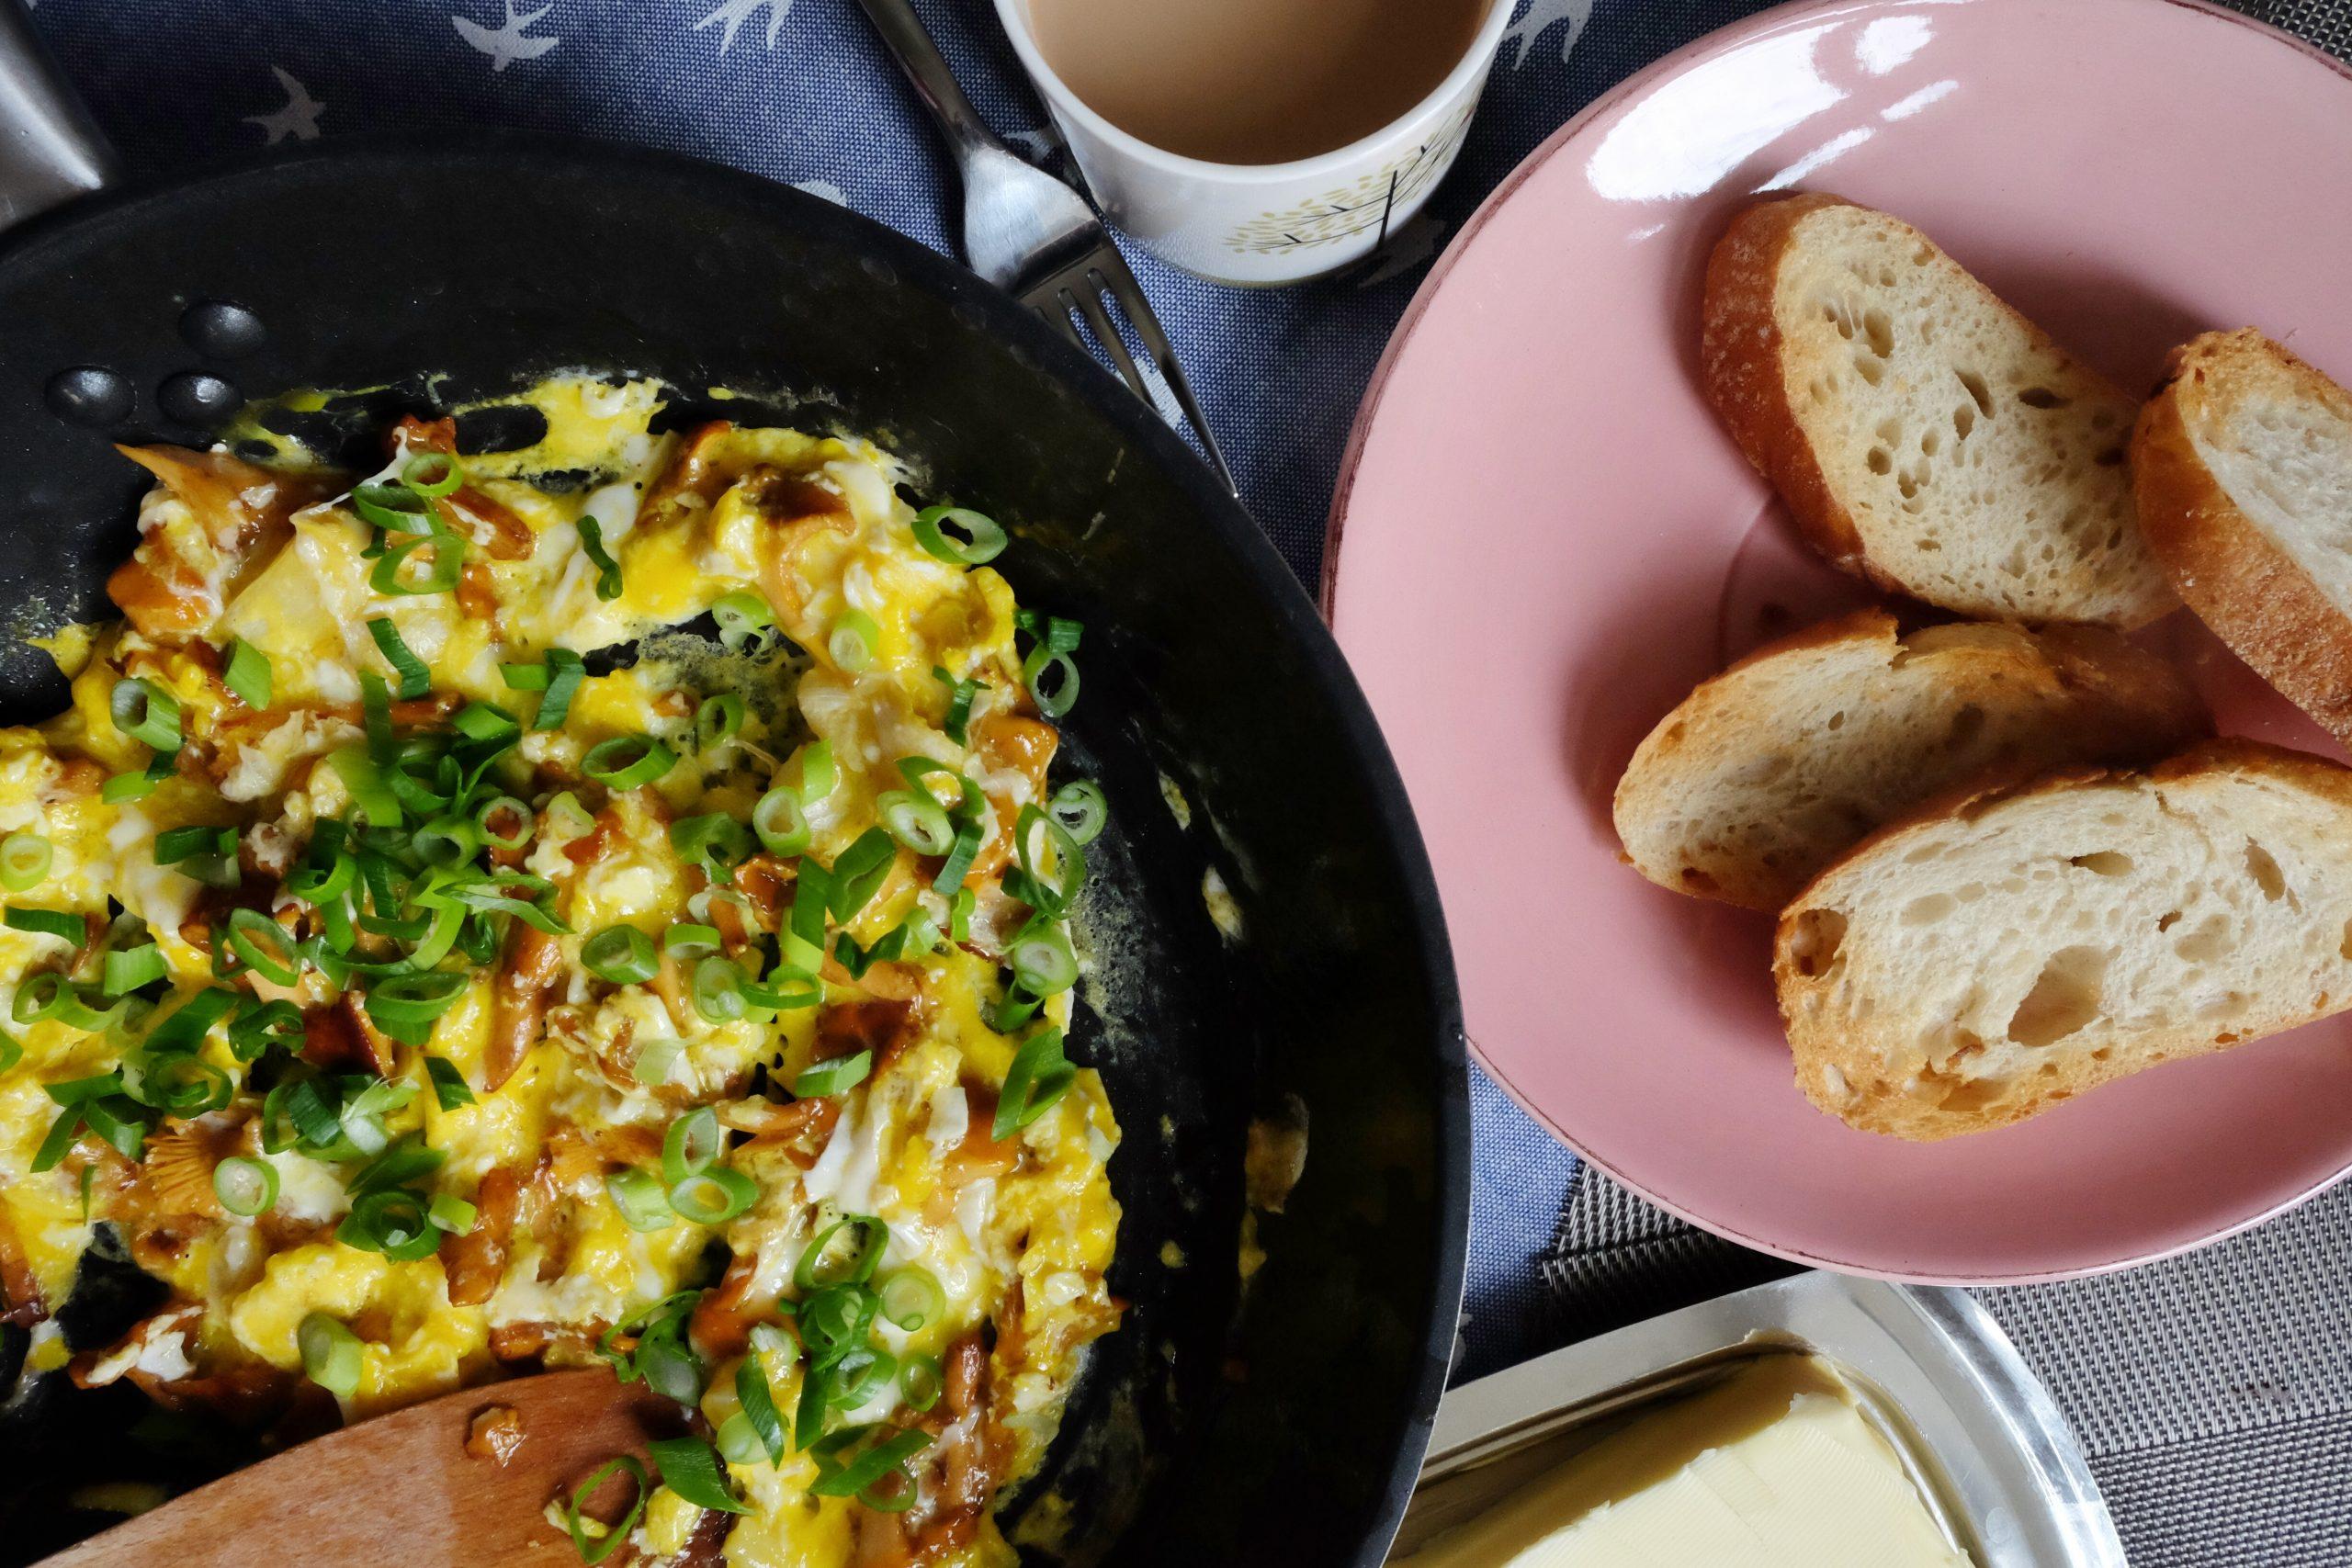 Gros plan sur des œufs brouillés et du pain blanc qui peuvent être consommés dans le cadre d'un régime pauvre en fibres.